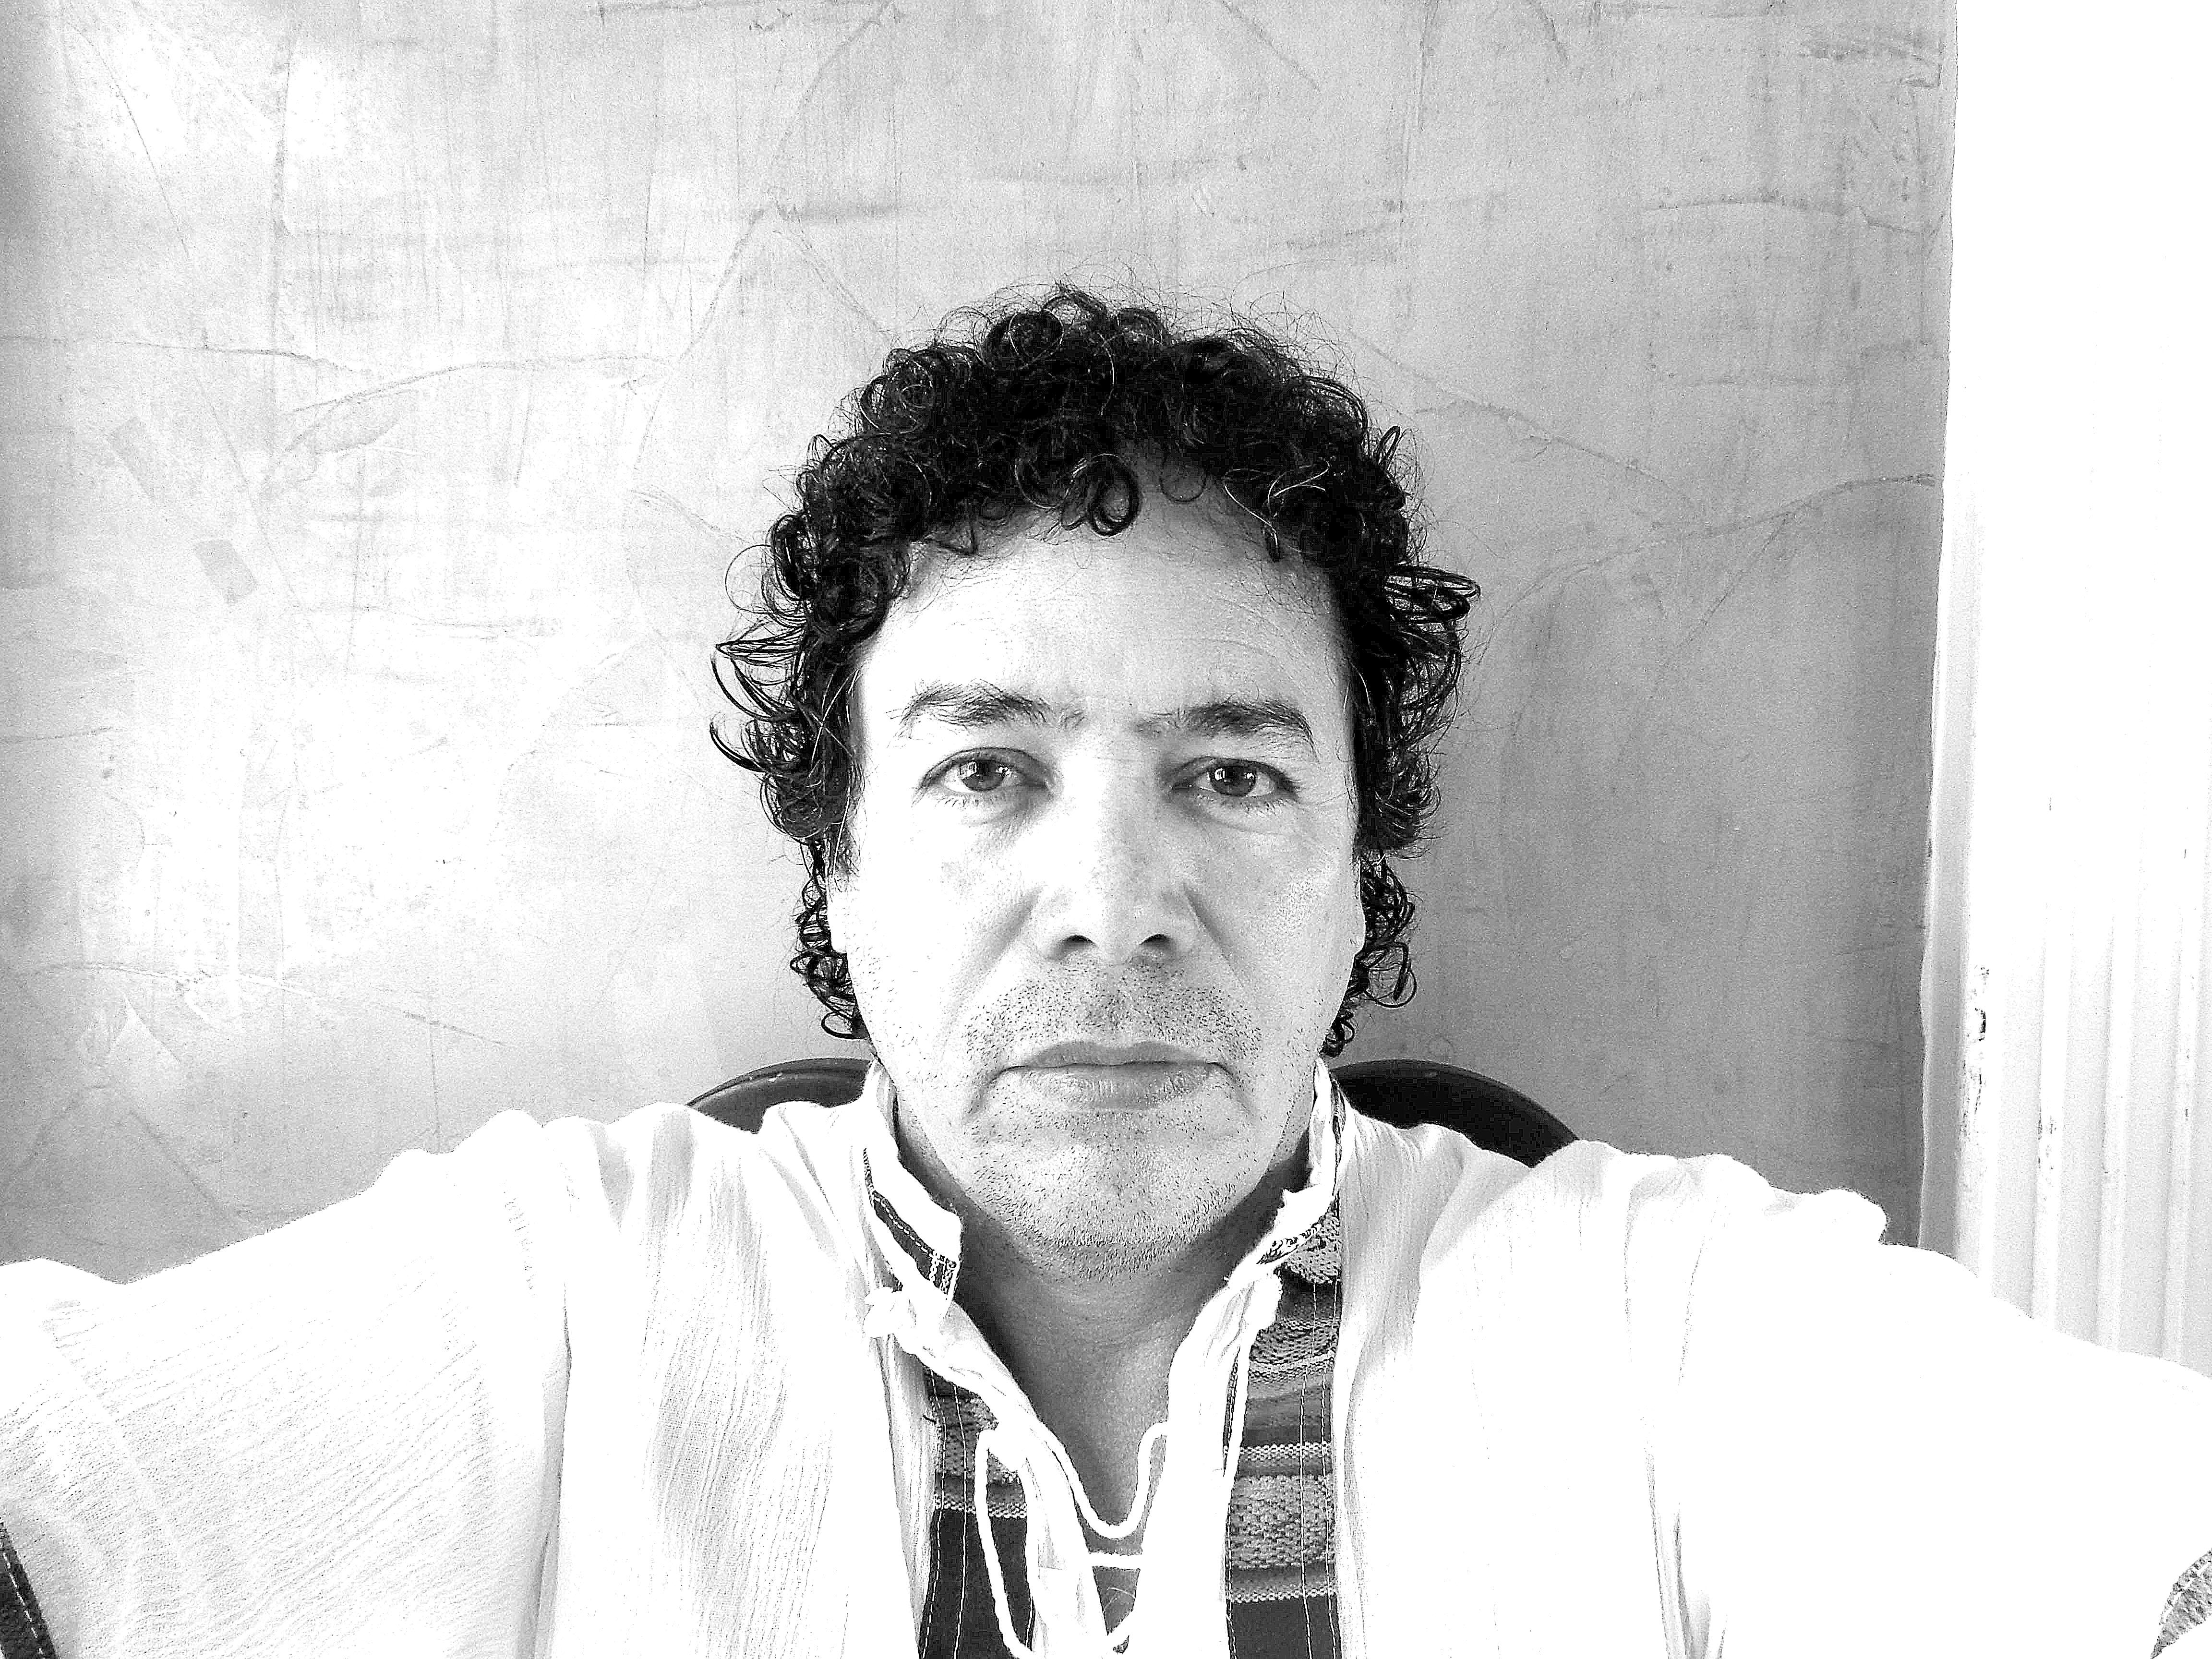 La poesía tiene la palabra Por: Braulio Mantilla | EL FRENTE